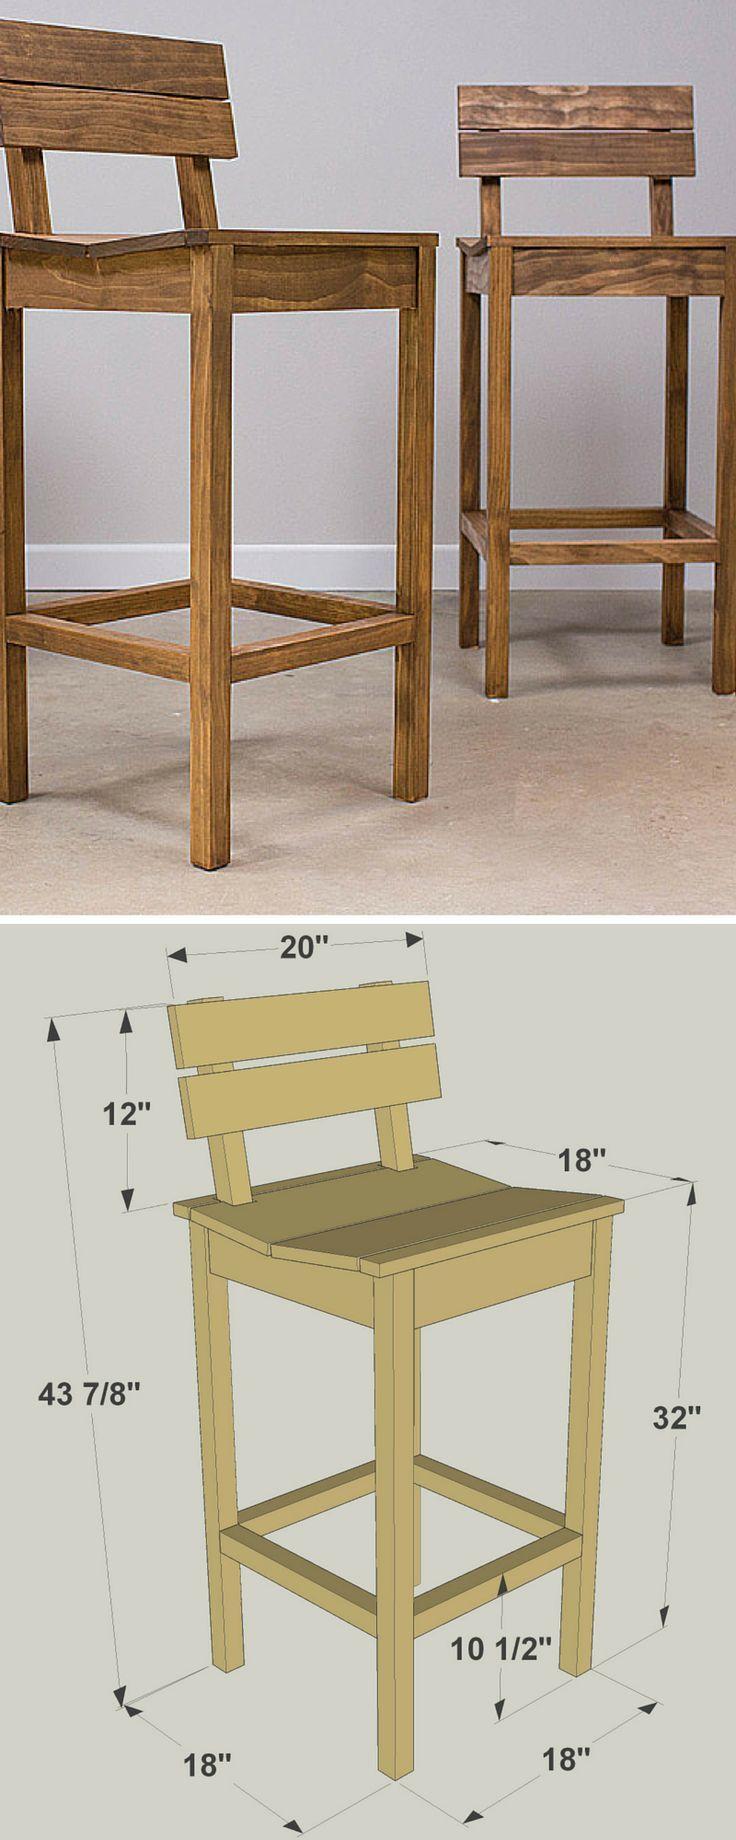 Teds Woodworking Plans Review | Gut zu wissen, Bänke und Hocker